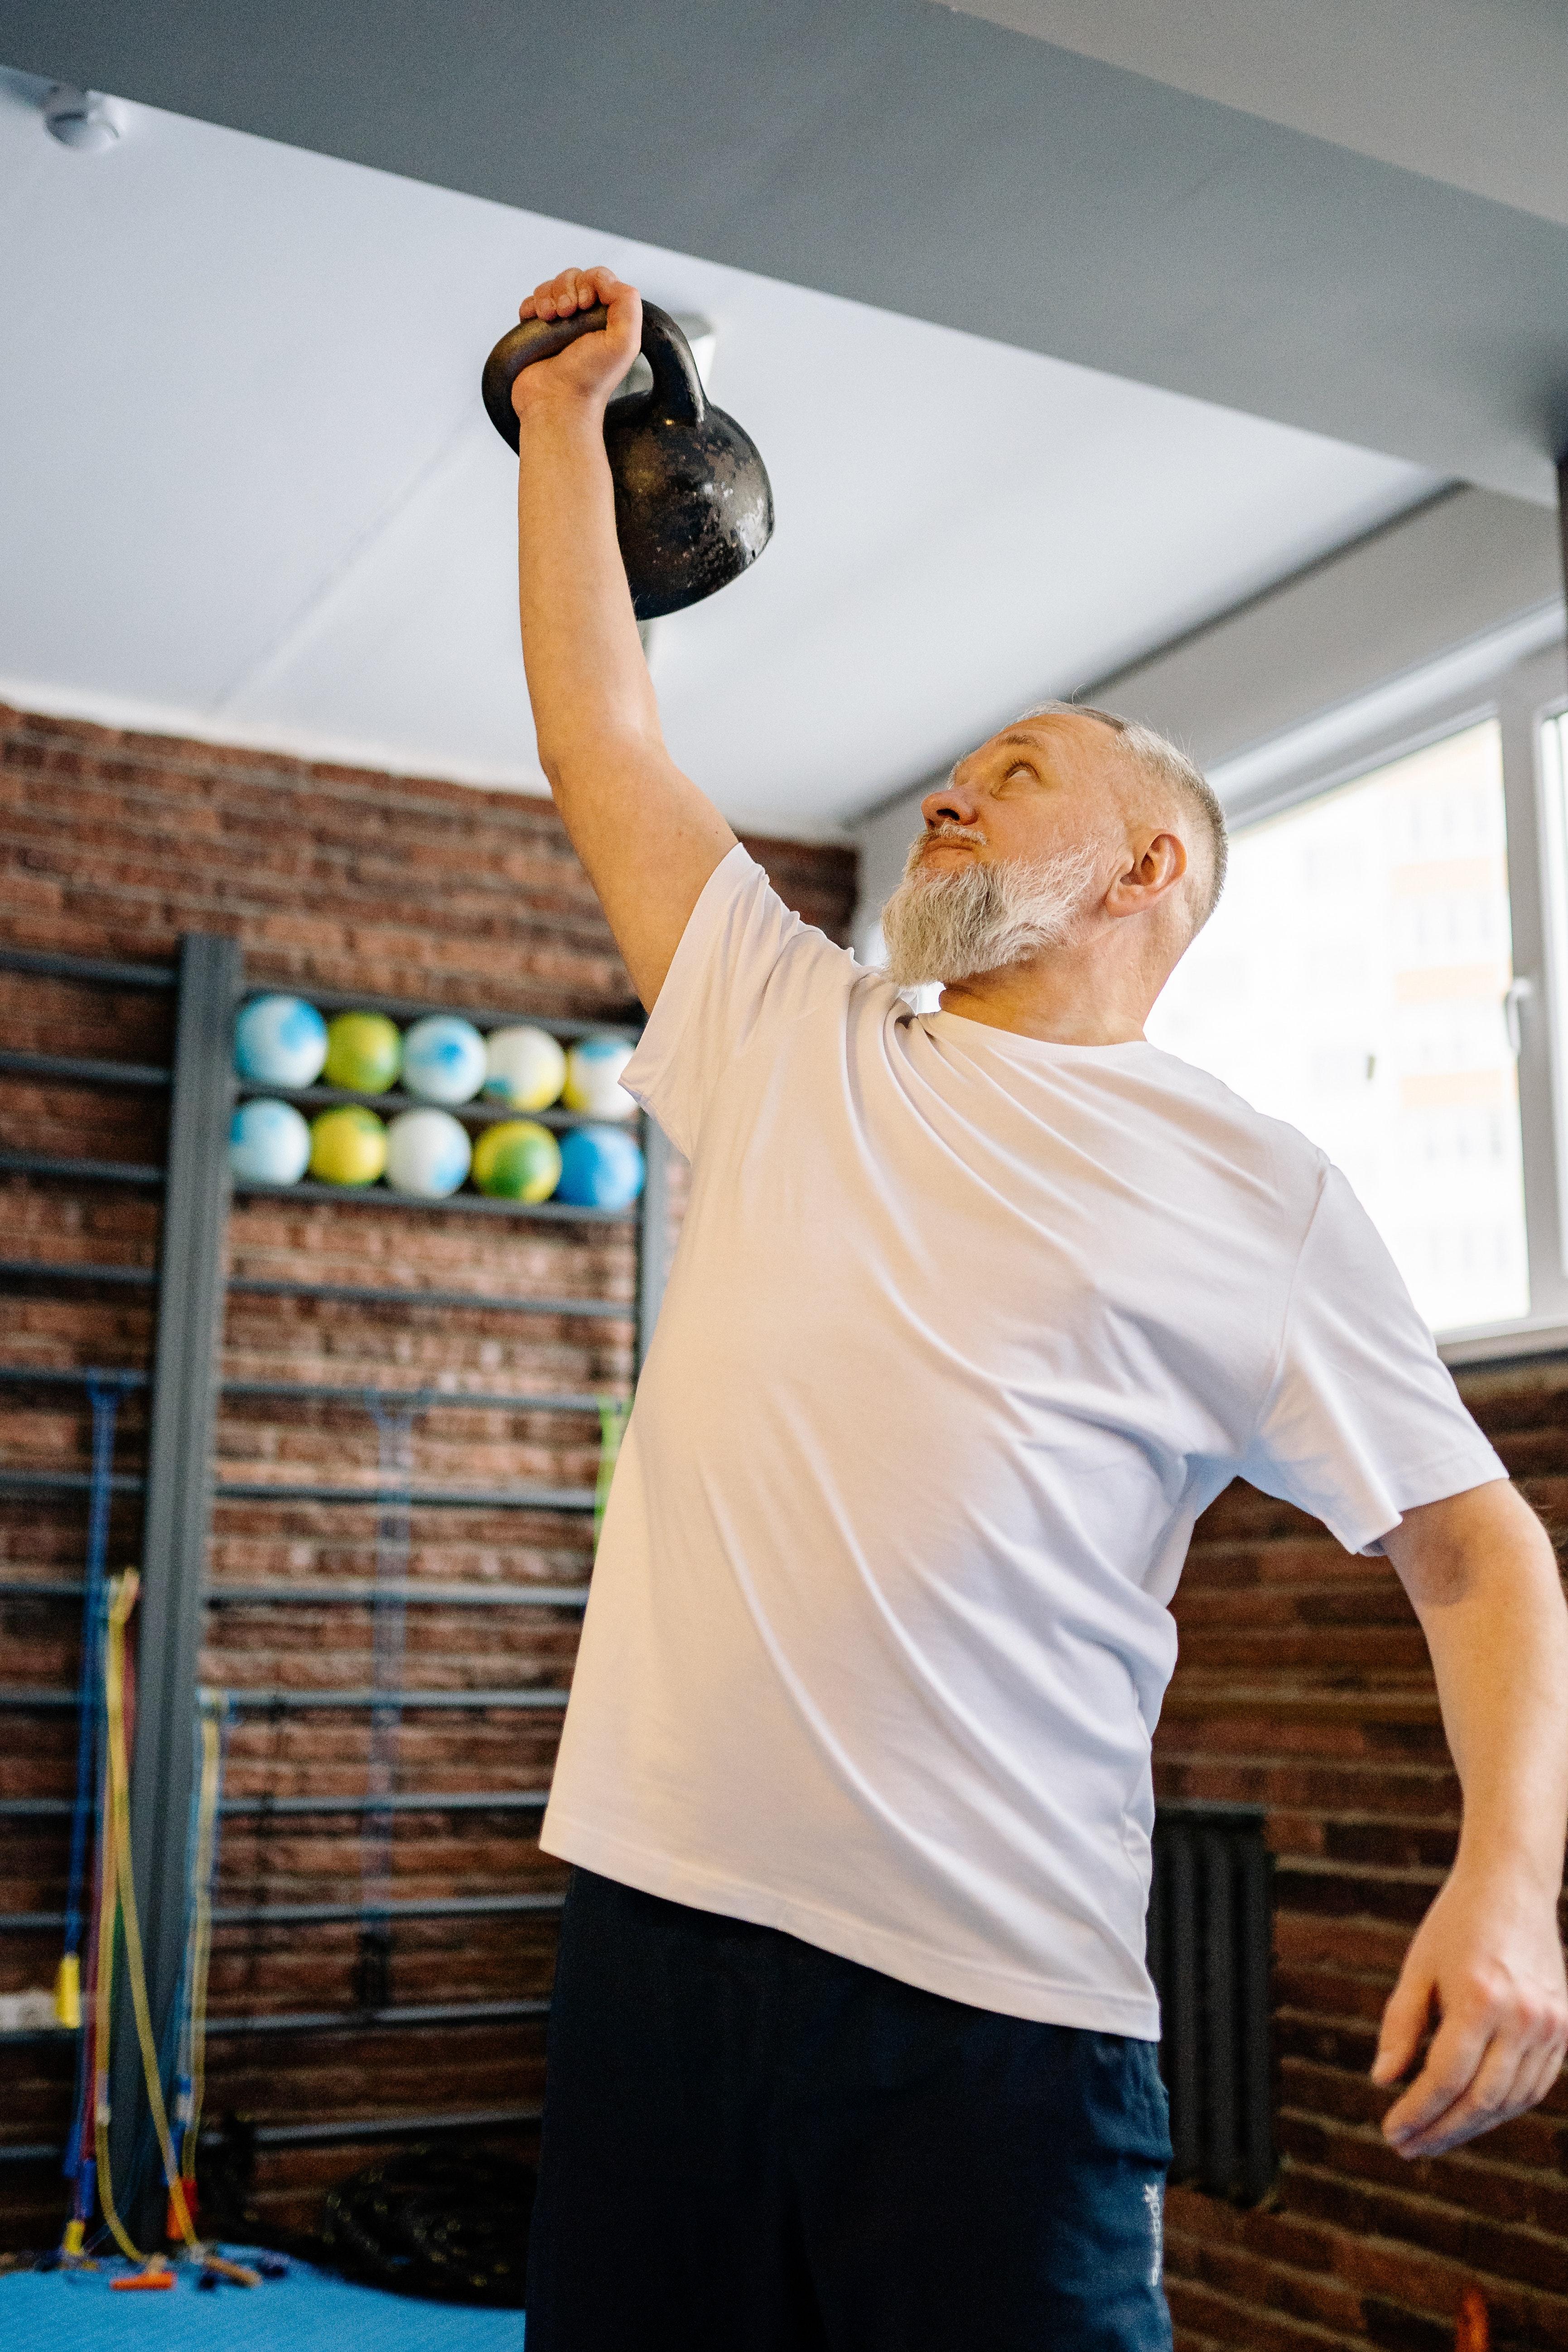 exercícios com o kettlebell